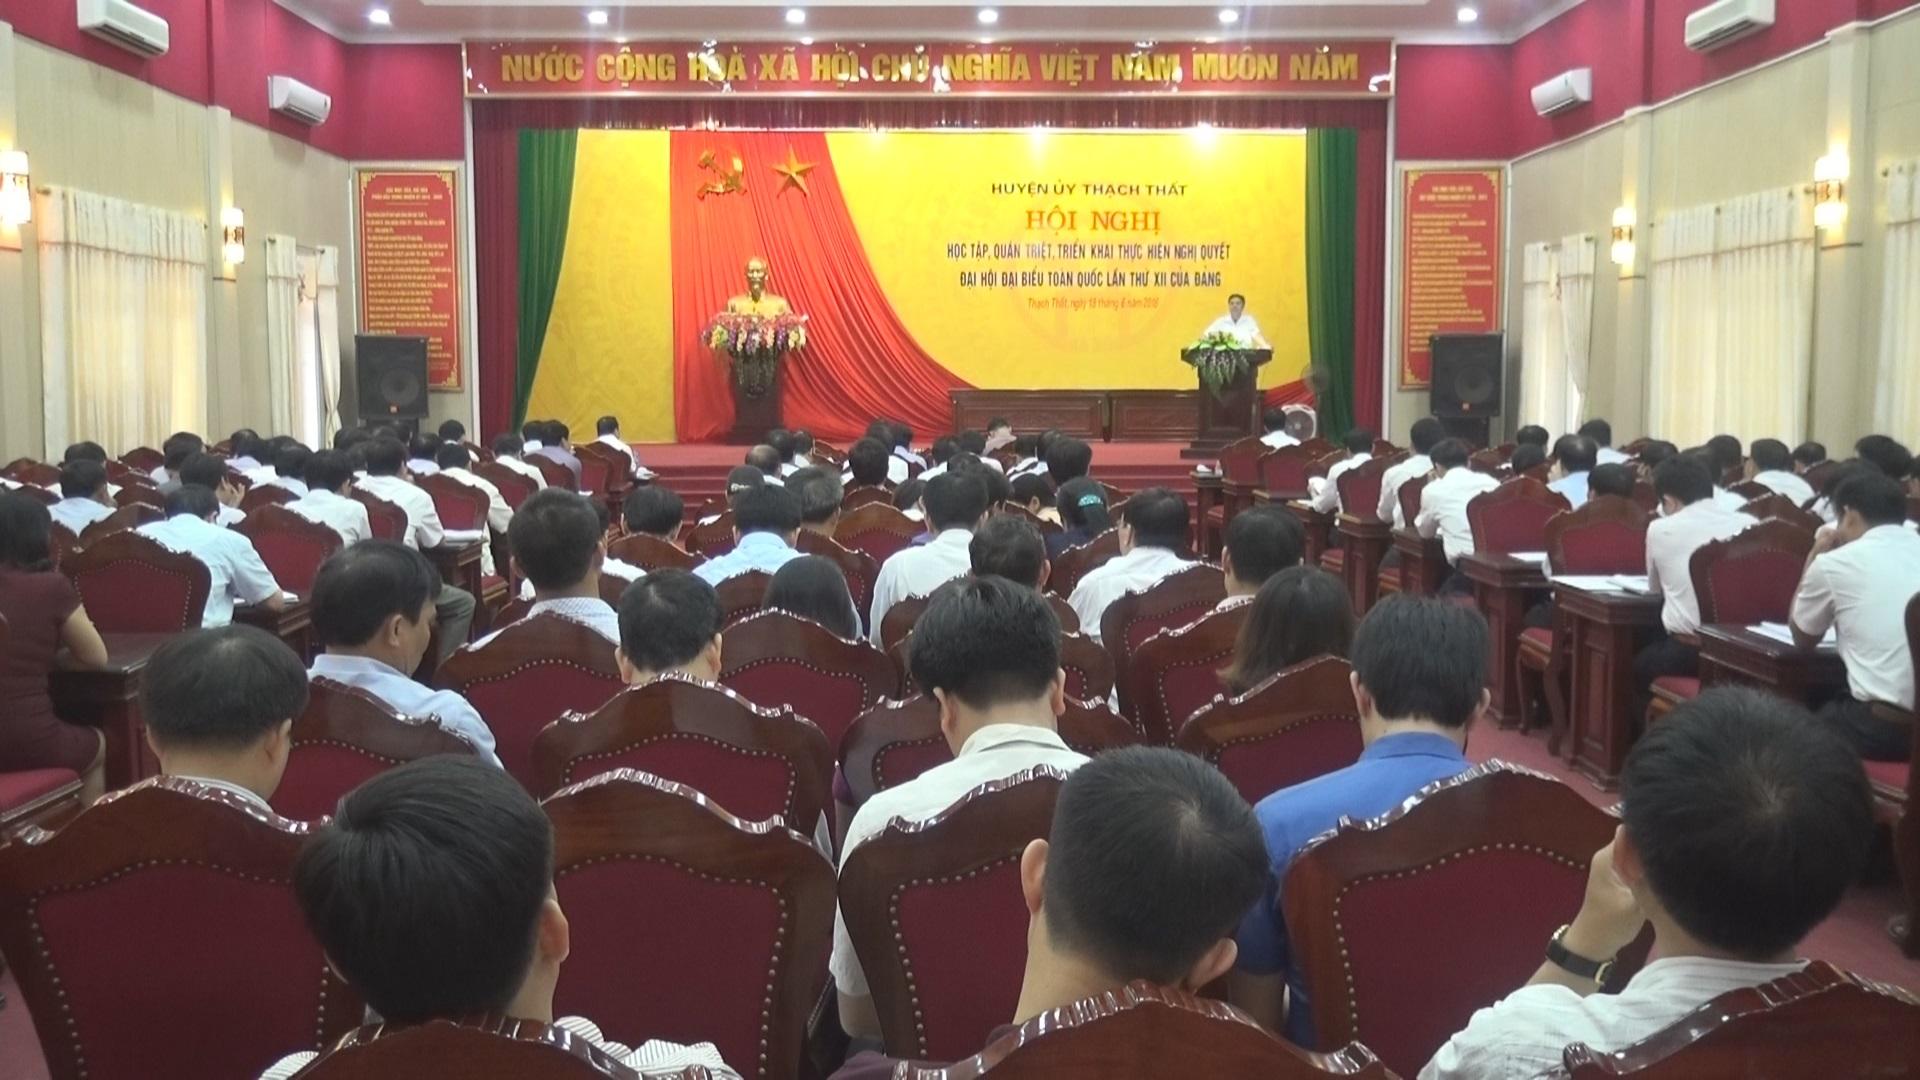 Huyện Thạch Thất học tập quán triệt thực hiện Nghị quyết Đại hội đại biểu toàn quốc lần thứ 12 của Đảng